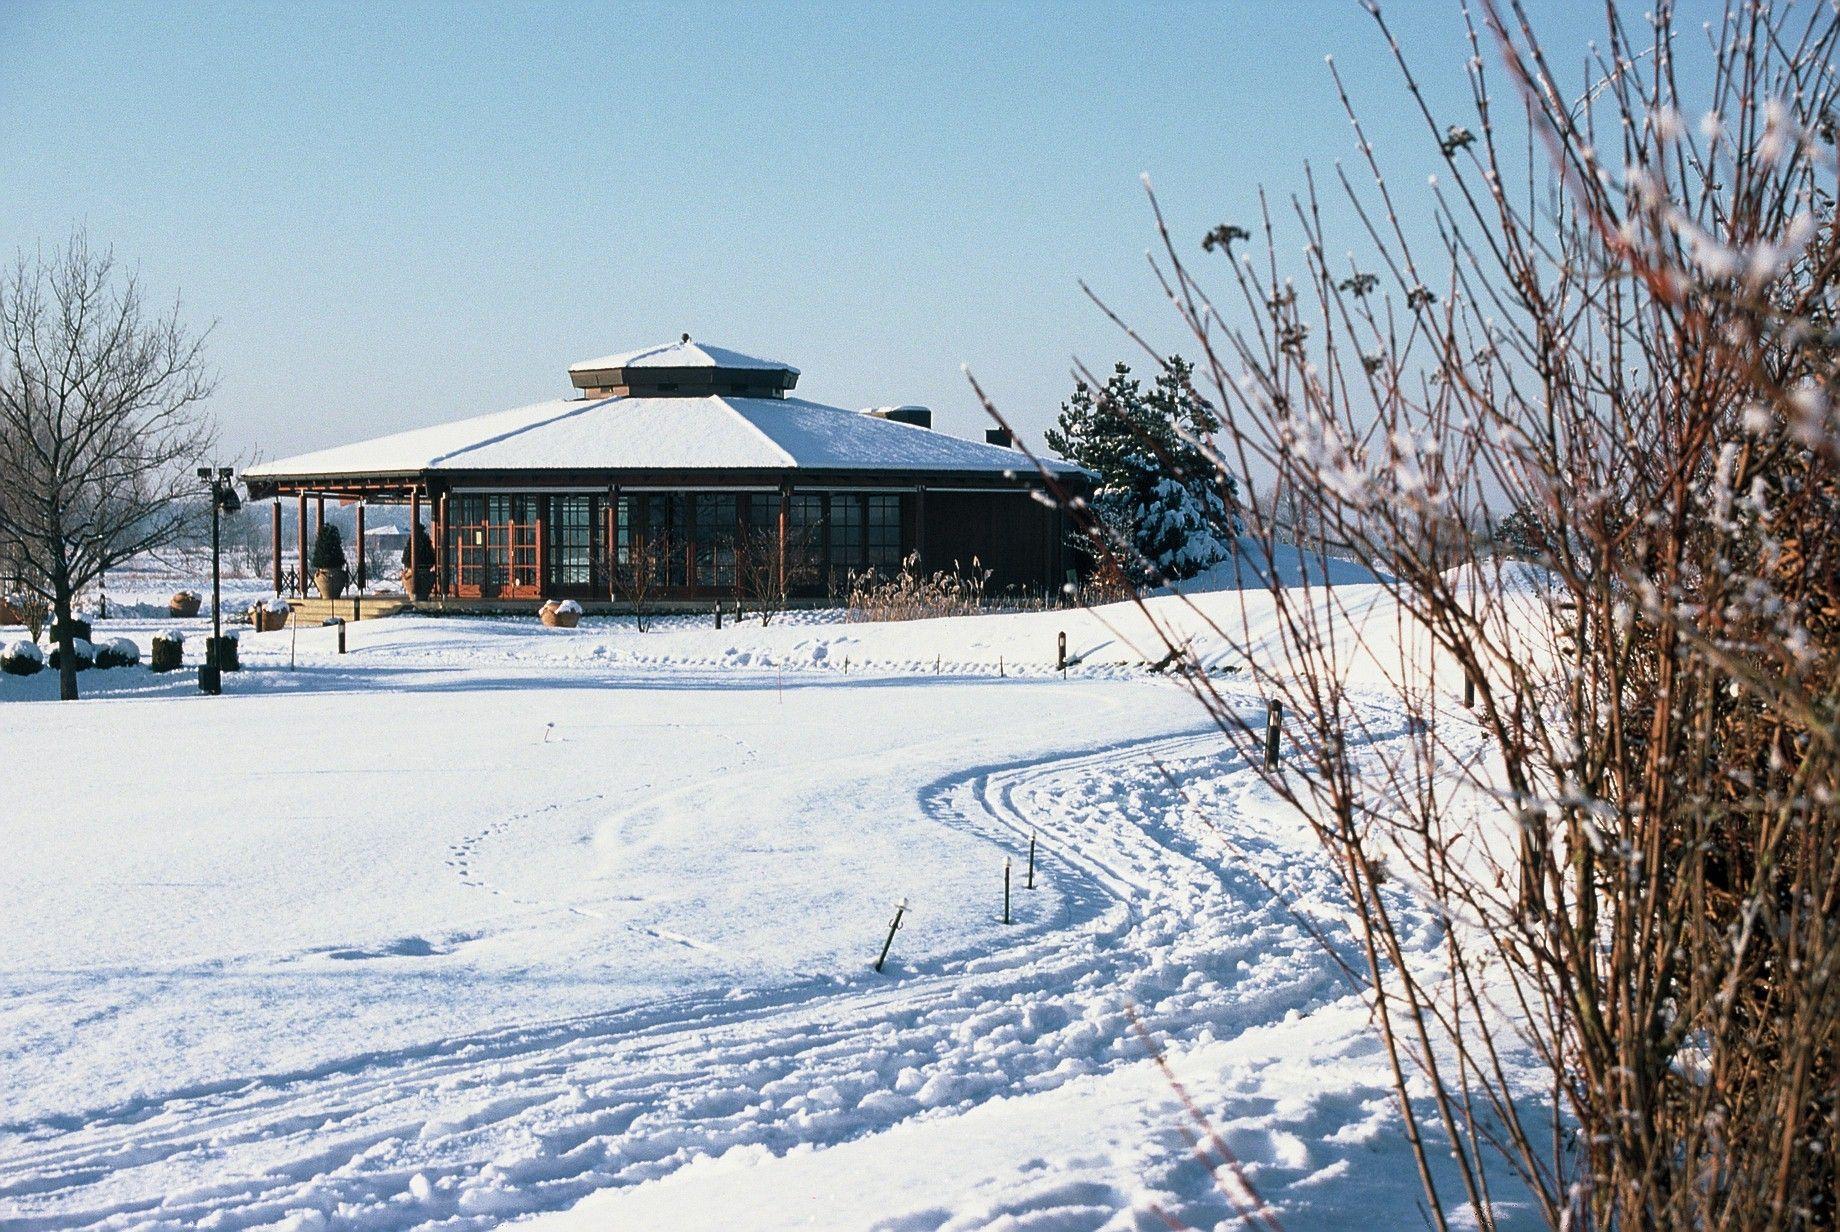 Auch im Winter ein kuscheliger Veranstaltungsort für Weihnachts- und Winterfeiern